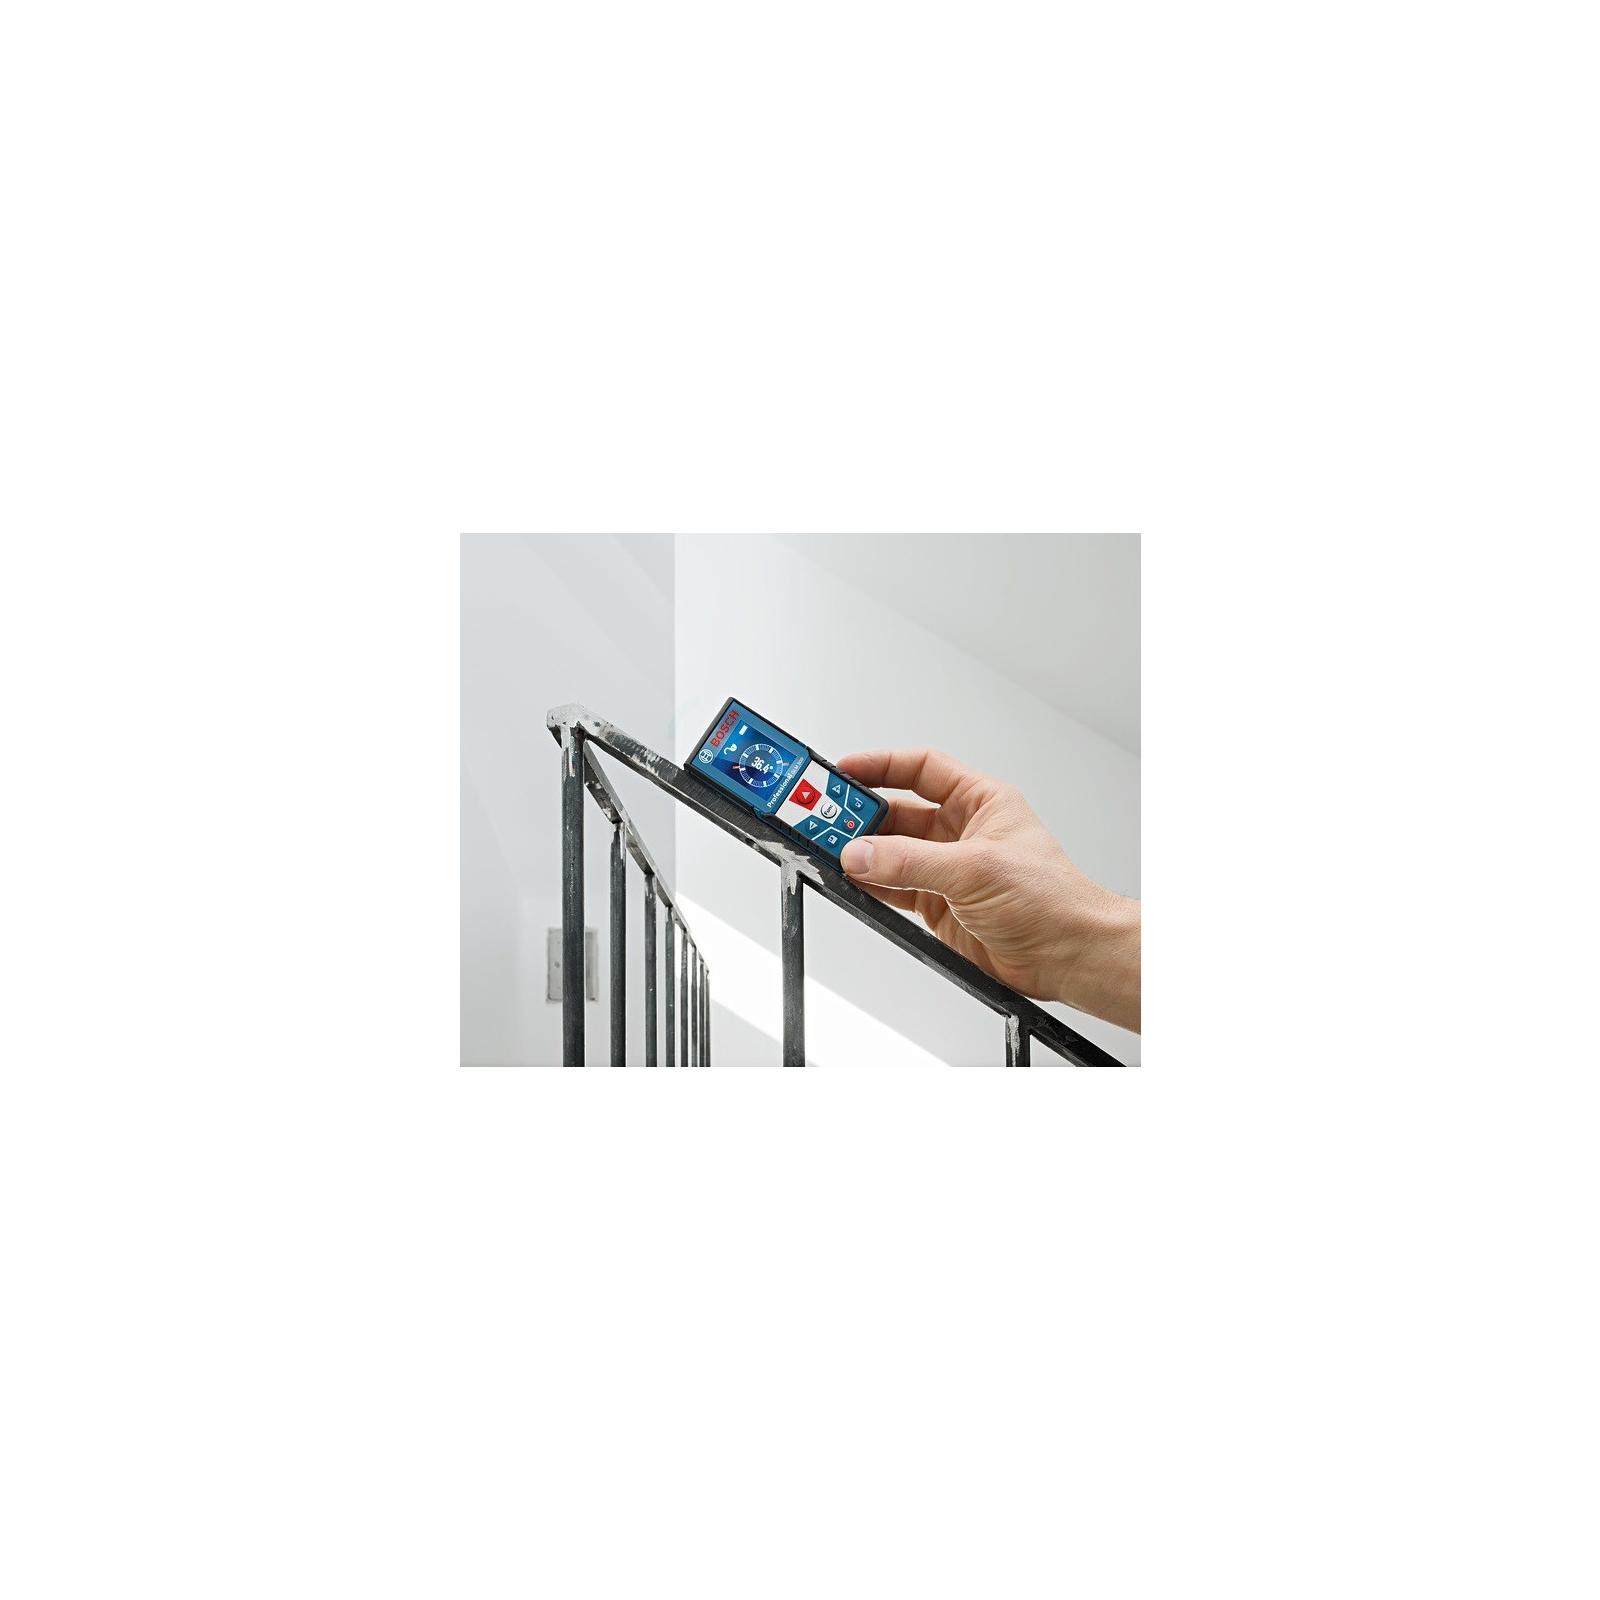 Дальномер Bosch GLM 500 лазерний, 50м, ±1.5мм (0.601.072.H00) изображение 3